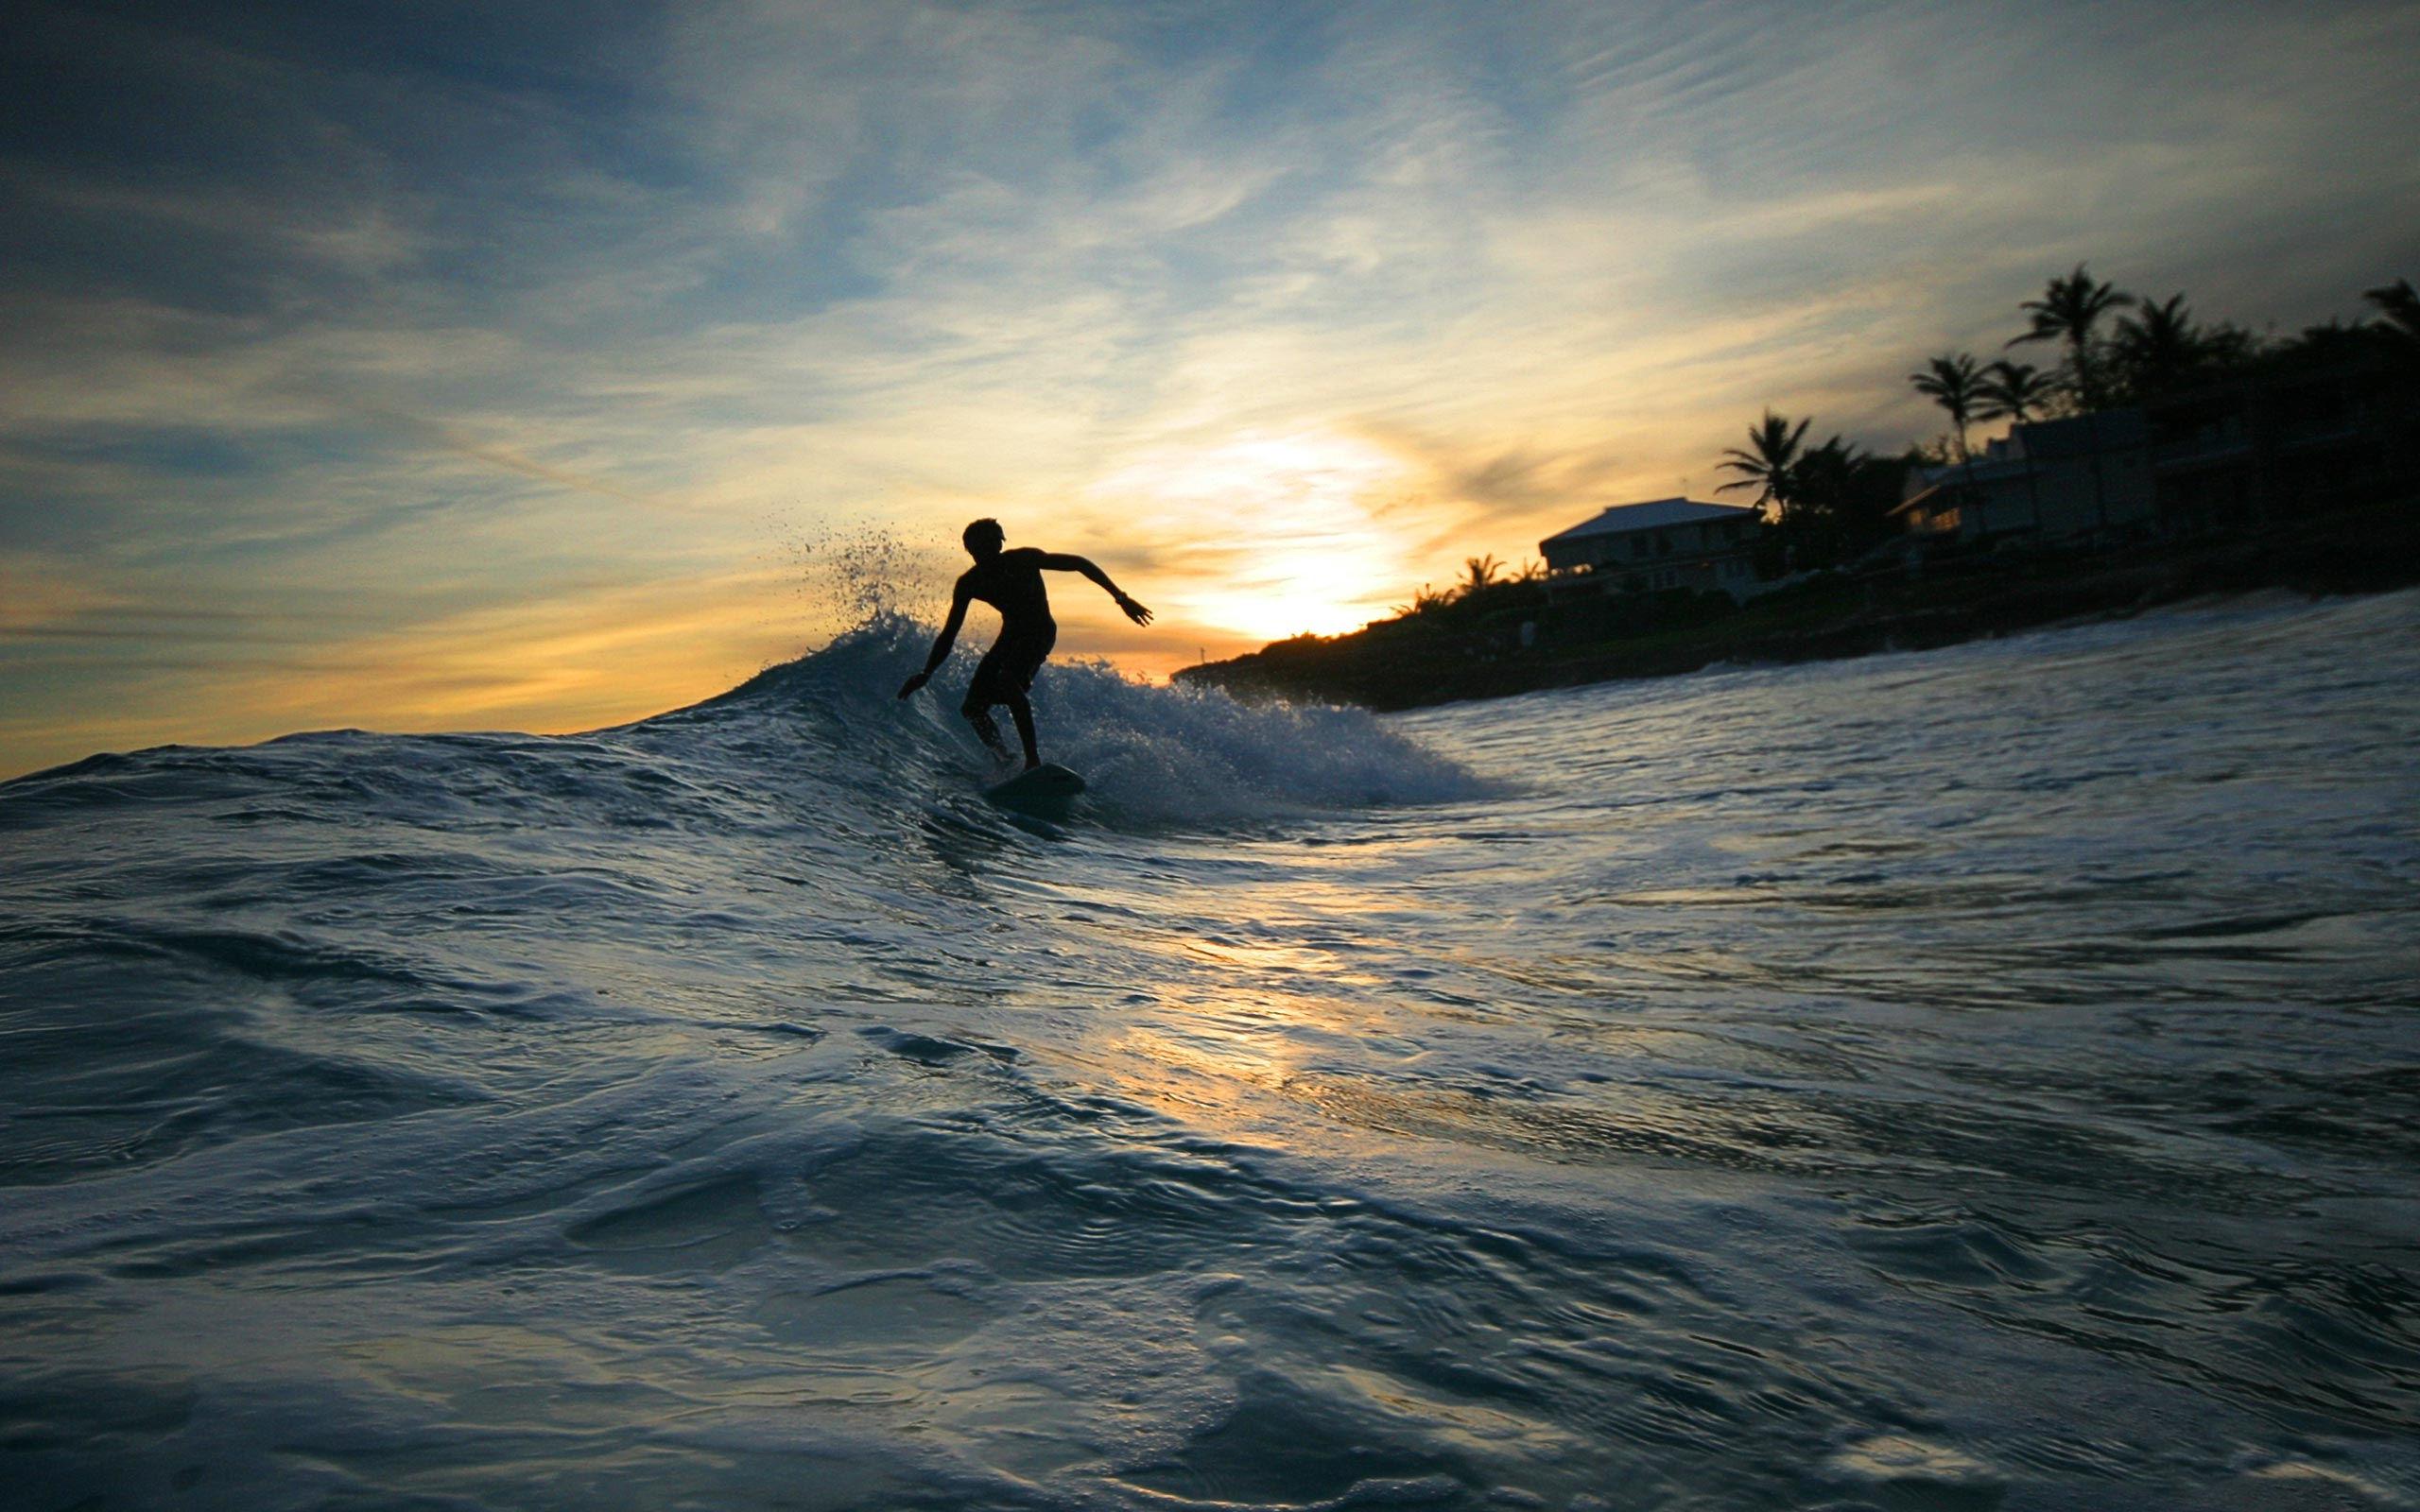 море, волна, серфер